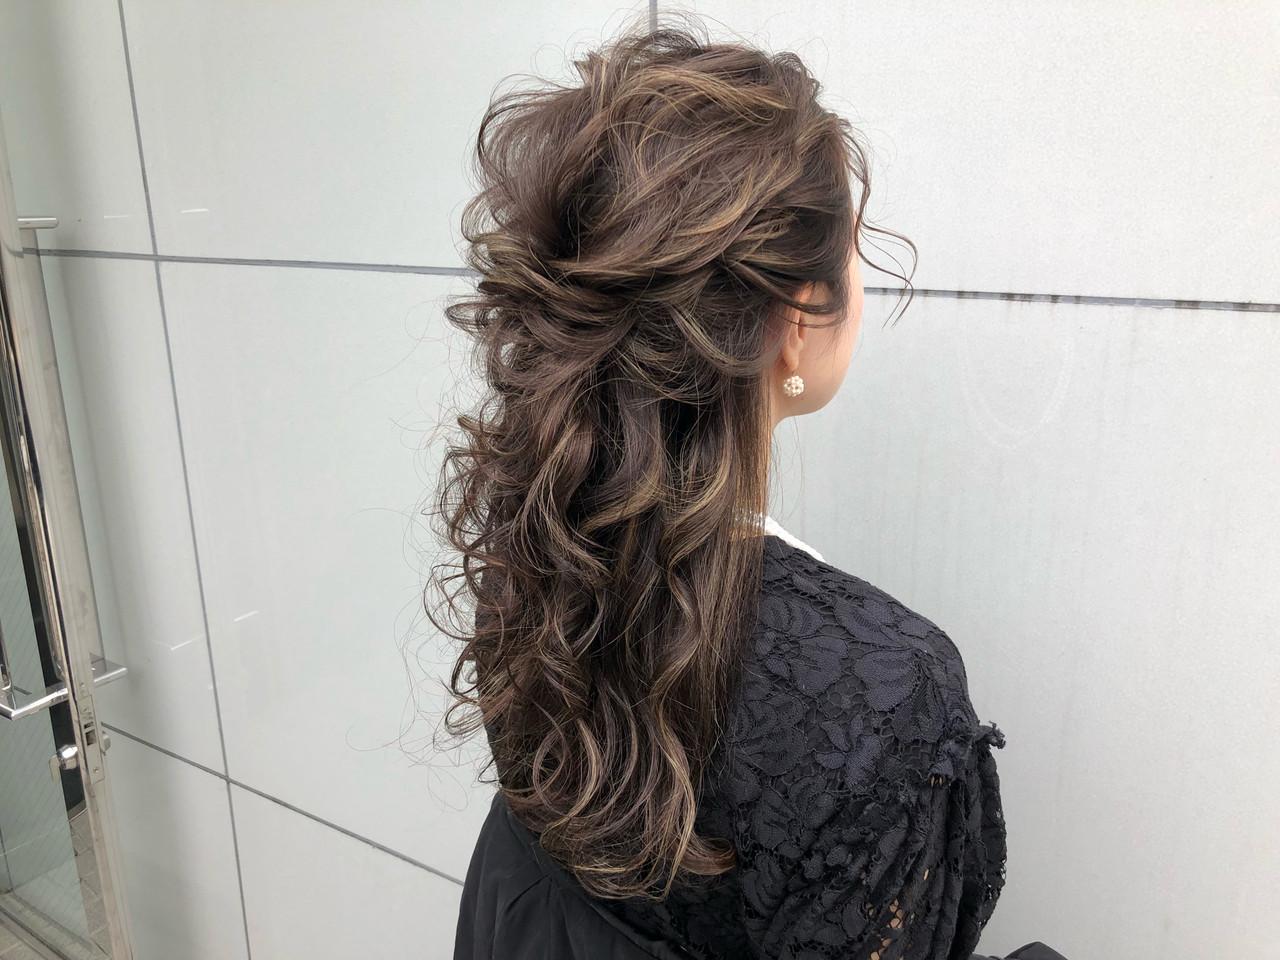 ハーフアップアレンジ✨ . . 柔らかく今っぽく仕上げたハーフアップになります?♂️ . . . . どんな髪質や髪の長さでも、『女性らしい柔らかさ』と『頭の形をよく見せるボリューム』をだせます⭕️ . . . アイロンやコテをしっかり使ったベース作りは柔らかさだけではなく、キープ力も抜群‼️ . 絶対に崩れません‼️✨ . . . . ハーフアップは、全部あげるのに抵抗がある方やカジュアルな雰囲気にしたい方にオススメ⭕️ . . . また、殆どピンは使わないので外す時も楽ちんです?✨ . . 華やかなハーフアップアレンジはお任せください‼️? . . . . ☑︎他のサロンでイメージ通りにならなかった ☑︎髪が短くてアップにできるか不安 ☑︎途中で崩れてしまった ☑︎ボリュームが出づらい ☑︎硬毛や軟毛で悩んでいる ☑︎ドレスや自分に合うスタイルが知りたい ☑︎ルーズで柔らかいスタイルが好きだけど崩れないか不安 . 等という方は是非お任せ下さい‼️ . . . 【美容師歴7年】 美容の激戦区と言われる表参道で ずっと美容師をしてきました✂️ . 常に流行の最先端を行くこのエリアで ヘアアレンジに拘りを持ち続けてきました✨ . . その結果ヘアアレンジの新規指名数No. 1‼️ HOT PEPPER BEAUTY表参道青山エリアの上位ページにもスタイルが多数✂️ . . . 華やかだけどカッチリし過ぎない‼️ シンプルなのにどこか目を惹くような柔らかいヘアアレンジが得意です?♂️✨ . . . ヘアアレンジは『可愛い』はもちろんですが、『崩れない』ことも大事にしています‼️ . . 来て頂いたお客様一人ひとりにご満足とご安心を頂けるようにこの2つは常に意識しております☘️✨ . . . . 最近はインスタを見てご来店される方が増えてます?♂️ . 『デザインが好きで!』と言って 遠い式場でも、わざわざ足を運んで頂くことが多いです?✨ . . 美容室が多い表参道エリアの中で僕を選んで頂ける事が本当に嬉しくて?♂️ その期待にお応えできるよう日々精進しています?✨ . . . ご予約は直接DM、または電話0334781457. ホットペッパービューティからお願い致します?♂️. . 早朝セットのご予約はお電話かDMからお願い致します⭐️ . . セット料金4000円.主要時間30分〜40分 早朝も4000円(現金のみ) . . . . ご新規様の他メニュー⭐️. . カット・カラー・トリートメント9240円 . カラー・トリートメント7020円 . カット・トリートメント4880円 . もちろんヘアセットと組み合わせも可能ですのでご連絡下さい?♂️ . . . 東京都渋谷区神宮前4-9-7ギャザリングコートB1 (表参道駅A2出口徒歩2分) . 美容室『CHIC表参道』 ✂️スタイリスト永田邦彦✂️